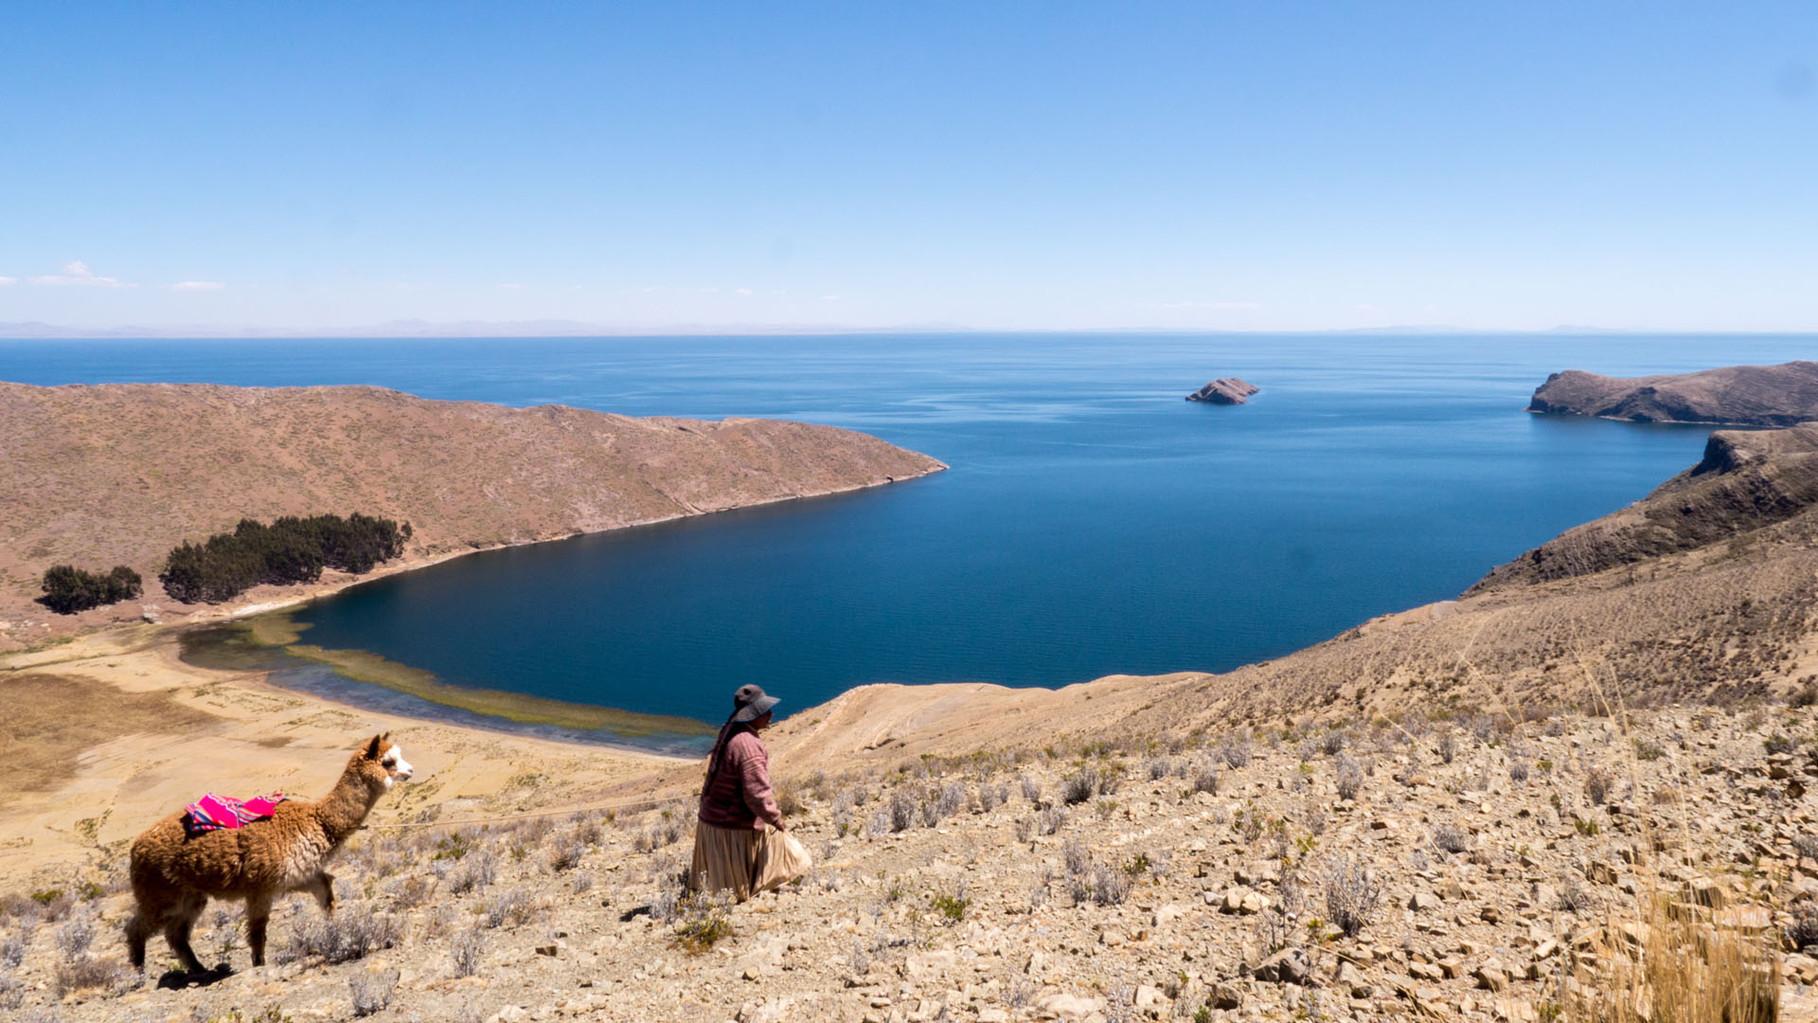 Isla del sol (Sun island), Lake Titicaca